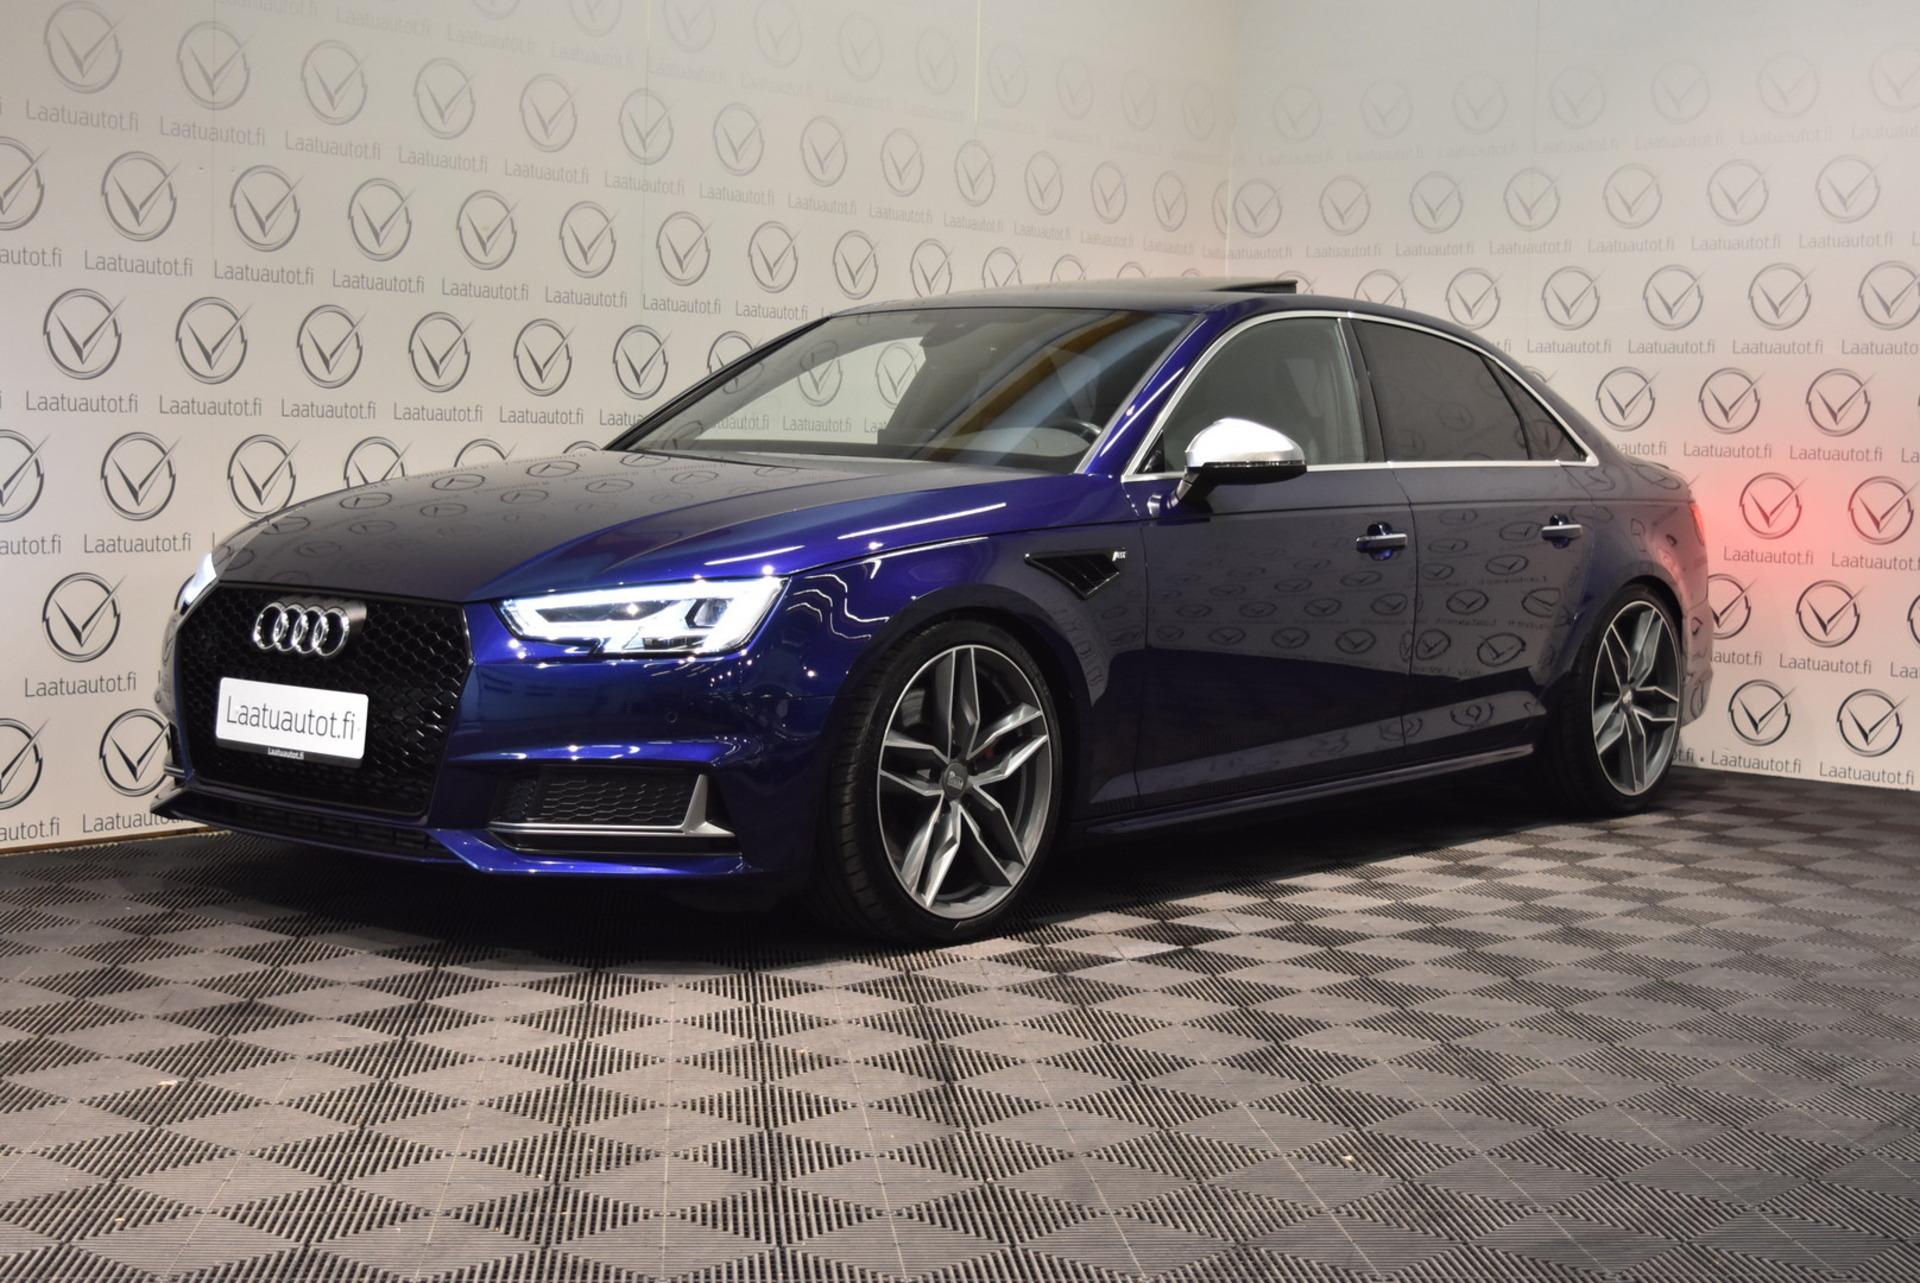 AUDI S4 Sedan 3, 0 TFSI 260 kW quattro tiptronic - Korko: 1, 89% + kulut! Jopa ilman käsirahaa! Bang&Olufsen,  Hierovat Sähköpenkit,  Keyless,  Lasikattoluukku!